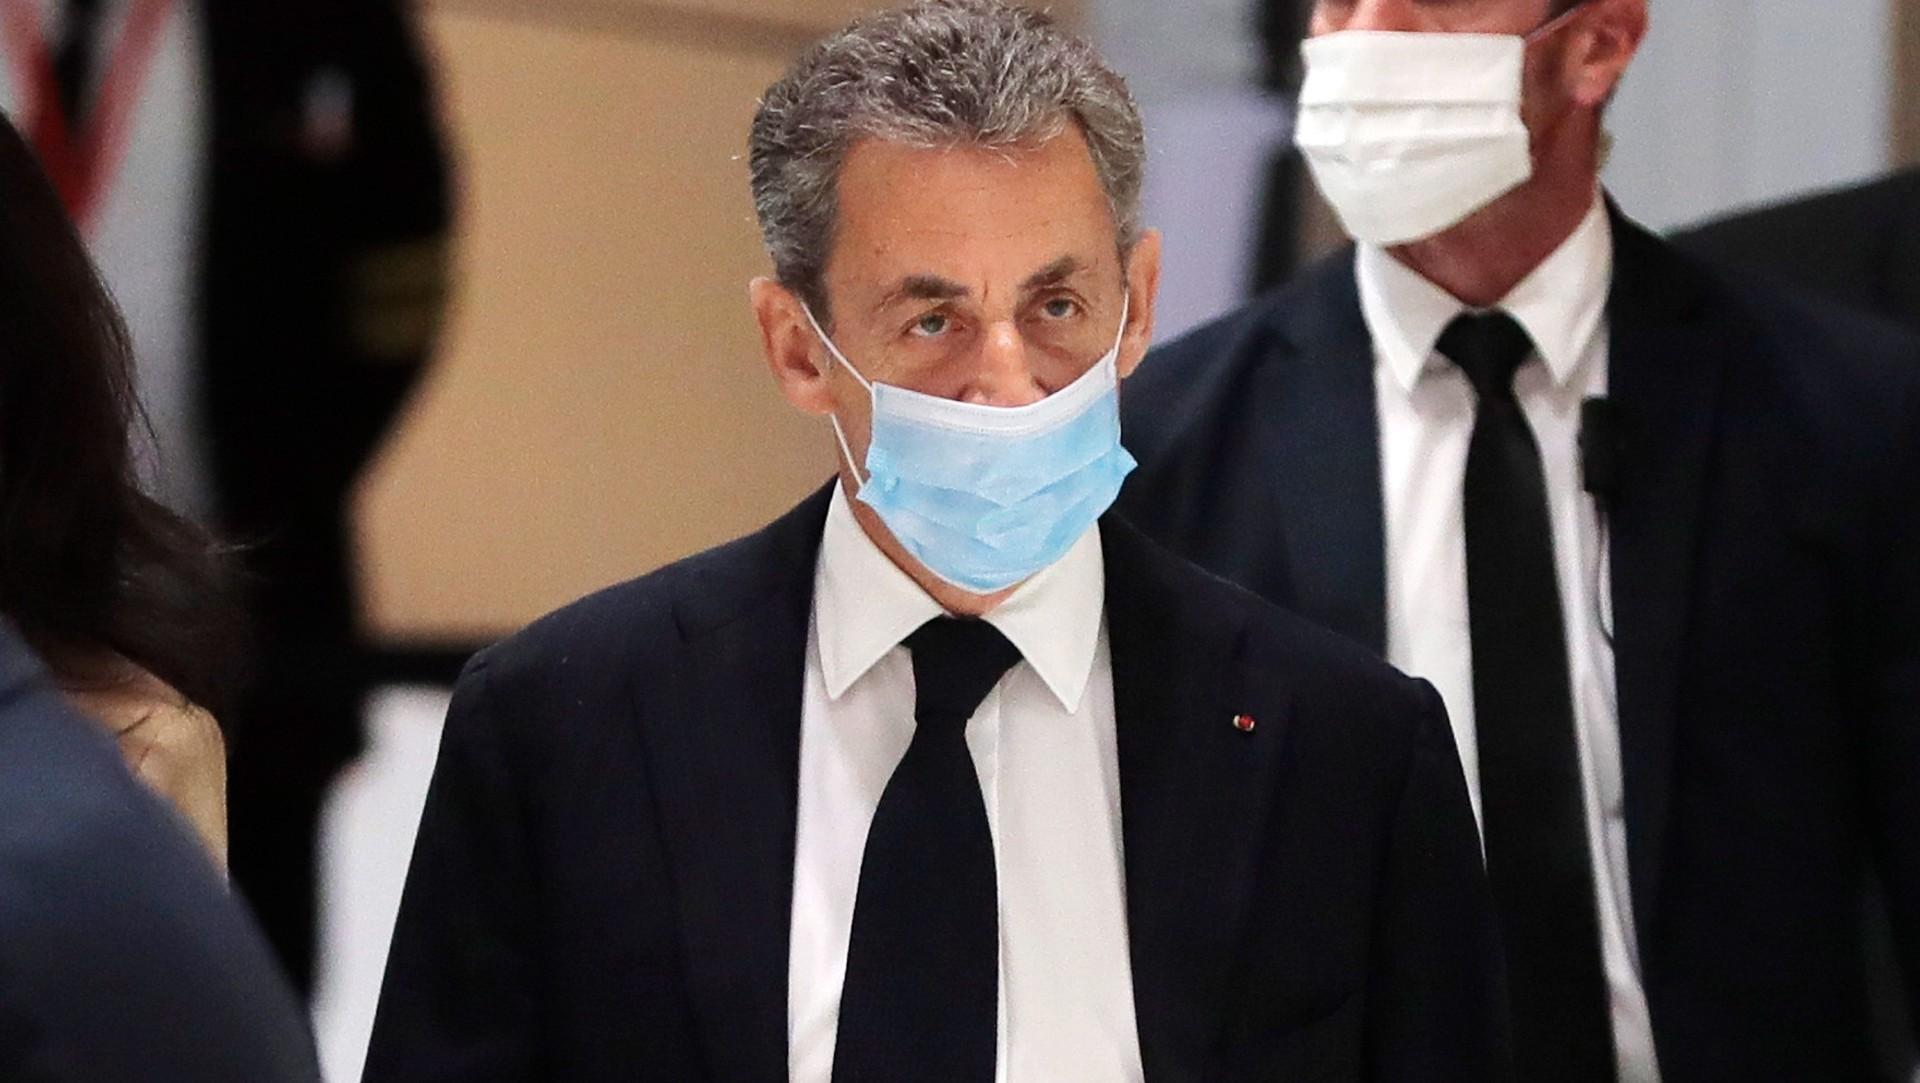 Sarkozy se sienta en el banquillo de los acusados, pero aplazan juicio